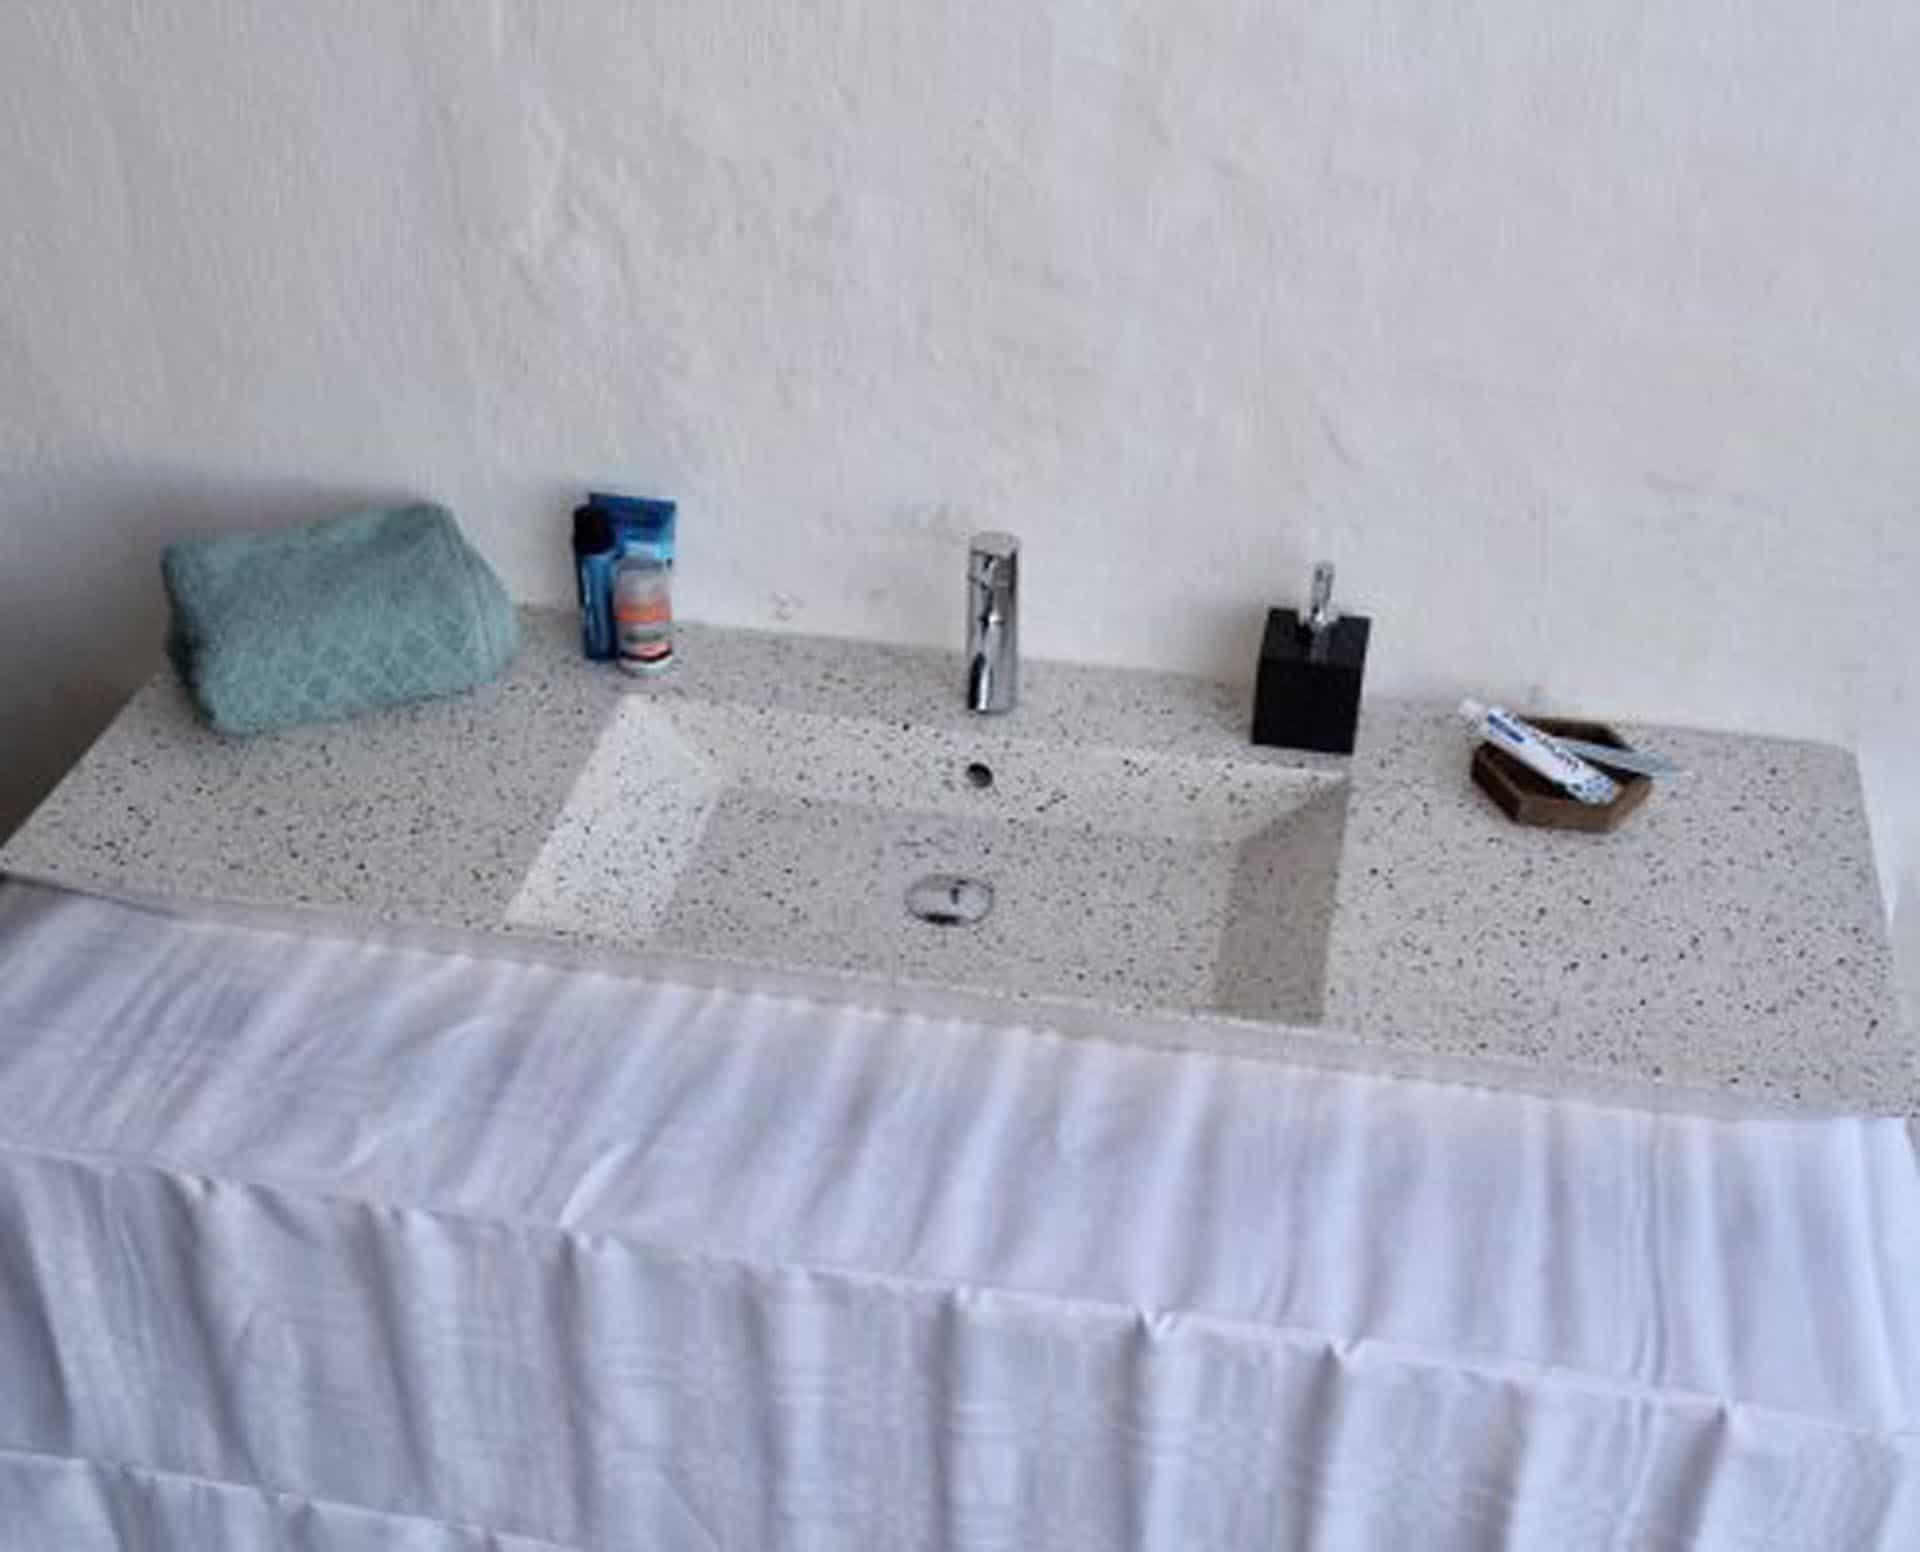 Lækker gnistret terrazzo håndvask, med pæne afrundinger. Farven er lys med sorte og mørke sten - et råt look med en flot finish. Vasken har målene: 120/140 x 35,5 x 10 cm. Materialet er en blanding af cement og de små natursten, der giver vasken sin flotte gnistrede finish. Vasken kan bruges som fritstående vask - da vasken er flad i bunden er den velegnet til at placere direkte på en bordplade. Vasken er hensynsmæssigt designet med fine rundinger, som både giver vasken et eksklusivt udtryk og gør den rengøringsvenlig. Vasken vedligeholdes med voks - vi anbefaler en behandling med vores egen naturvoks ID12002 et par gange om året for at opnå optimalt look.